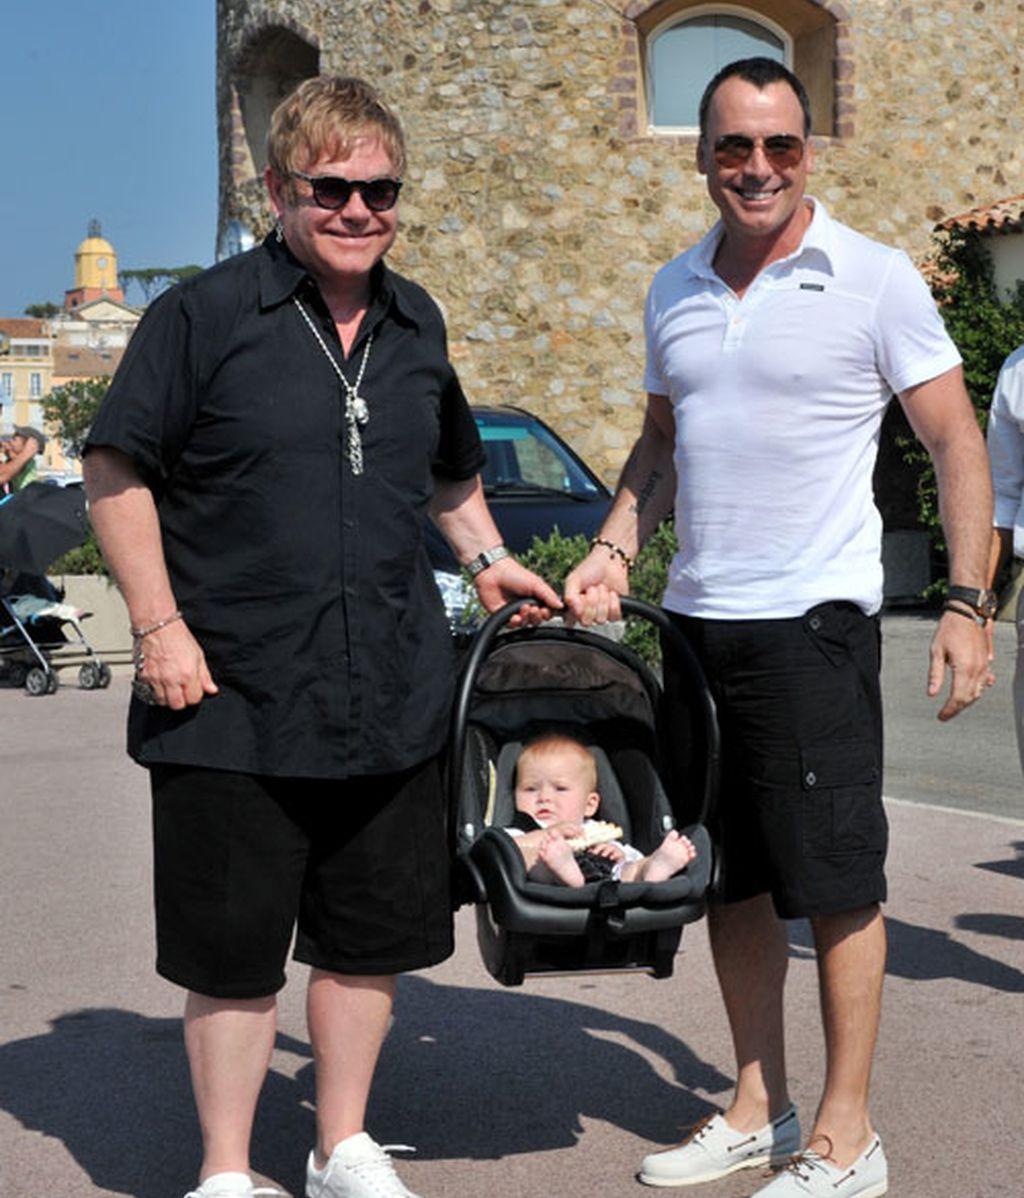 La familia John-Furnish de vacaciones